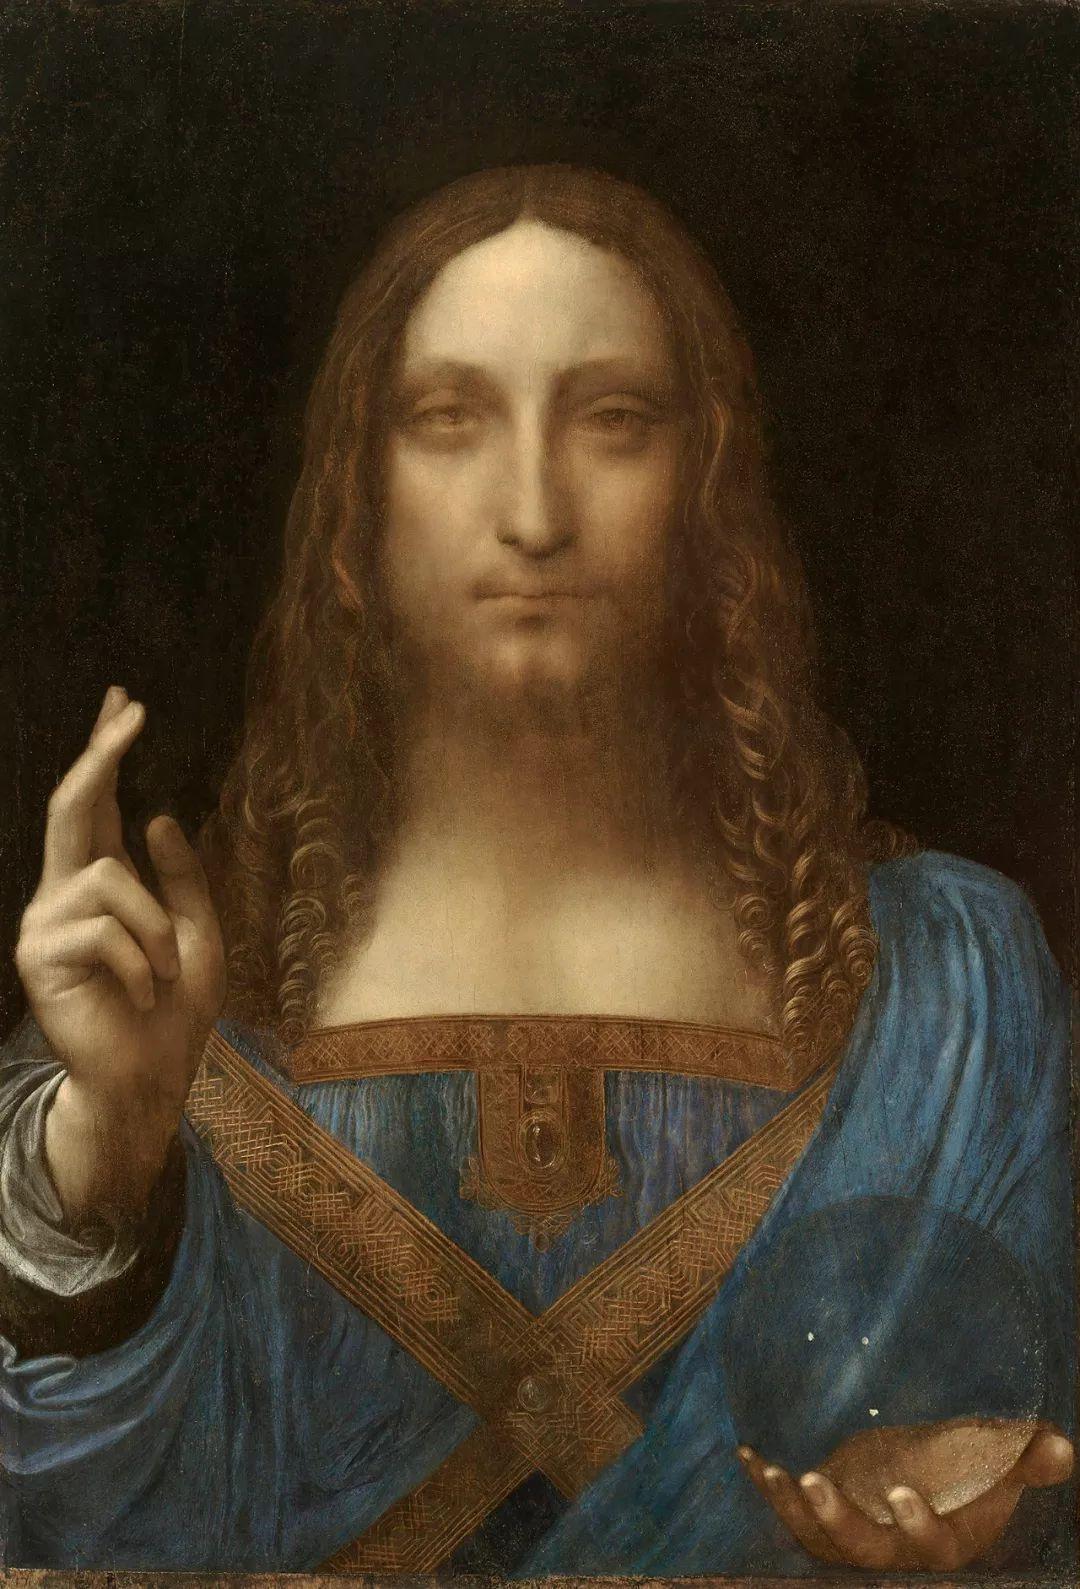 4亿美元的达芬奇名画,居然是一场大乌龙图片